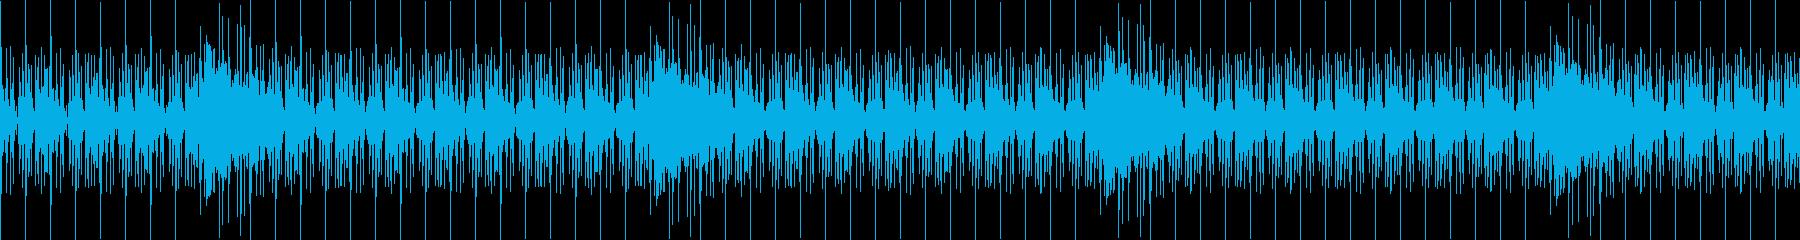 【アフリカ大草原・ドキュメンタリー】の再生済みの波形